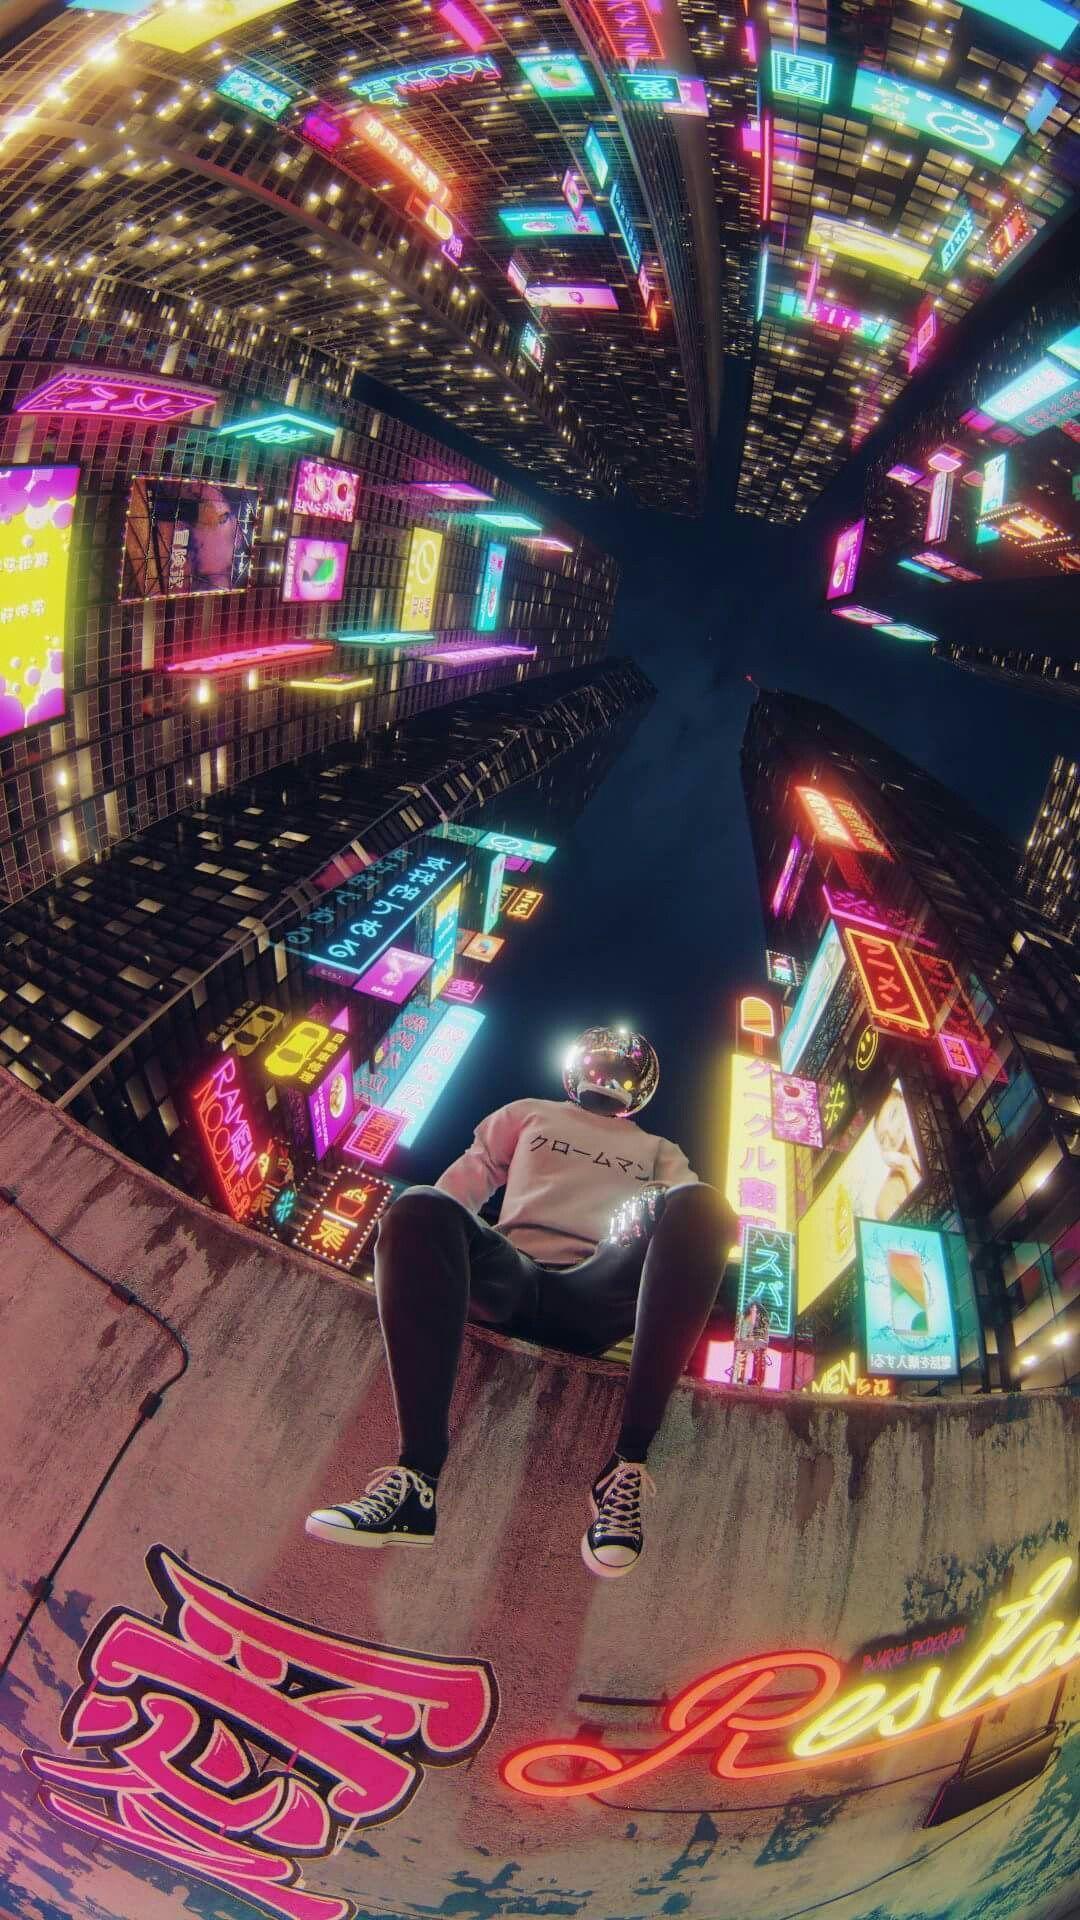 New iPhone Wallpaper | iPhone Wallpaper | Cyberpunk art ...